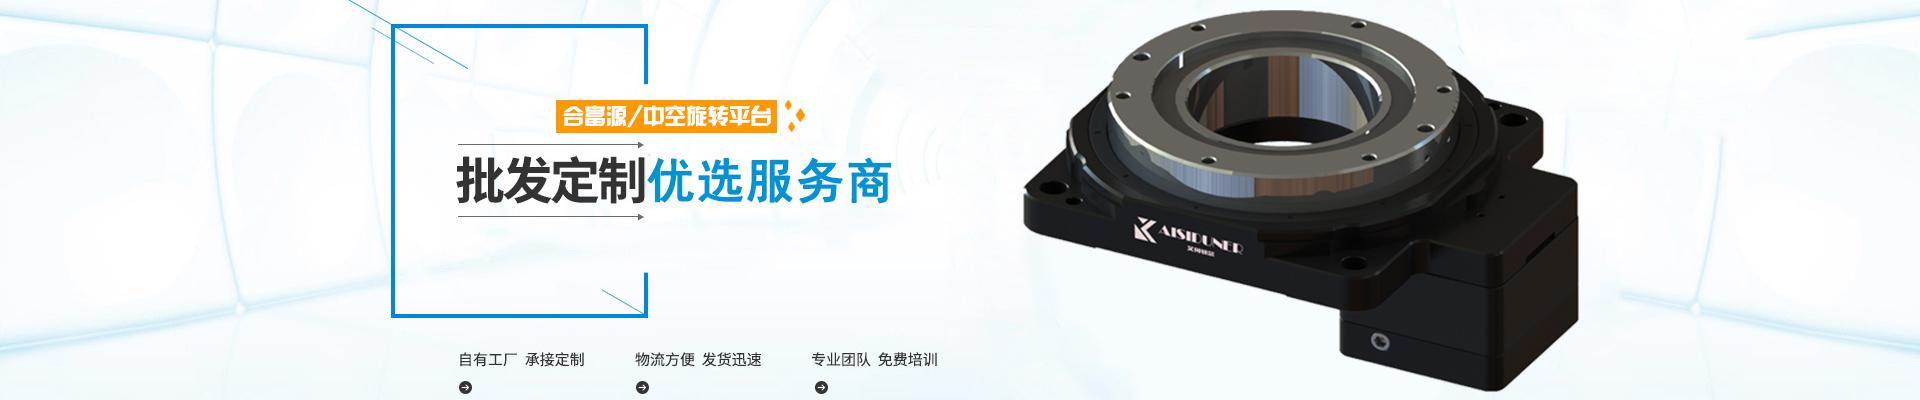 深圳市合富源机电设备有限公司